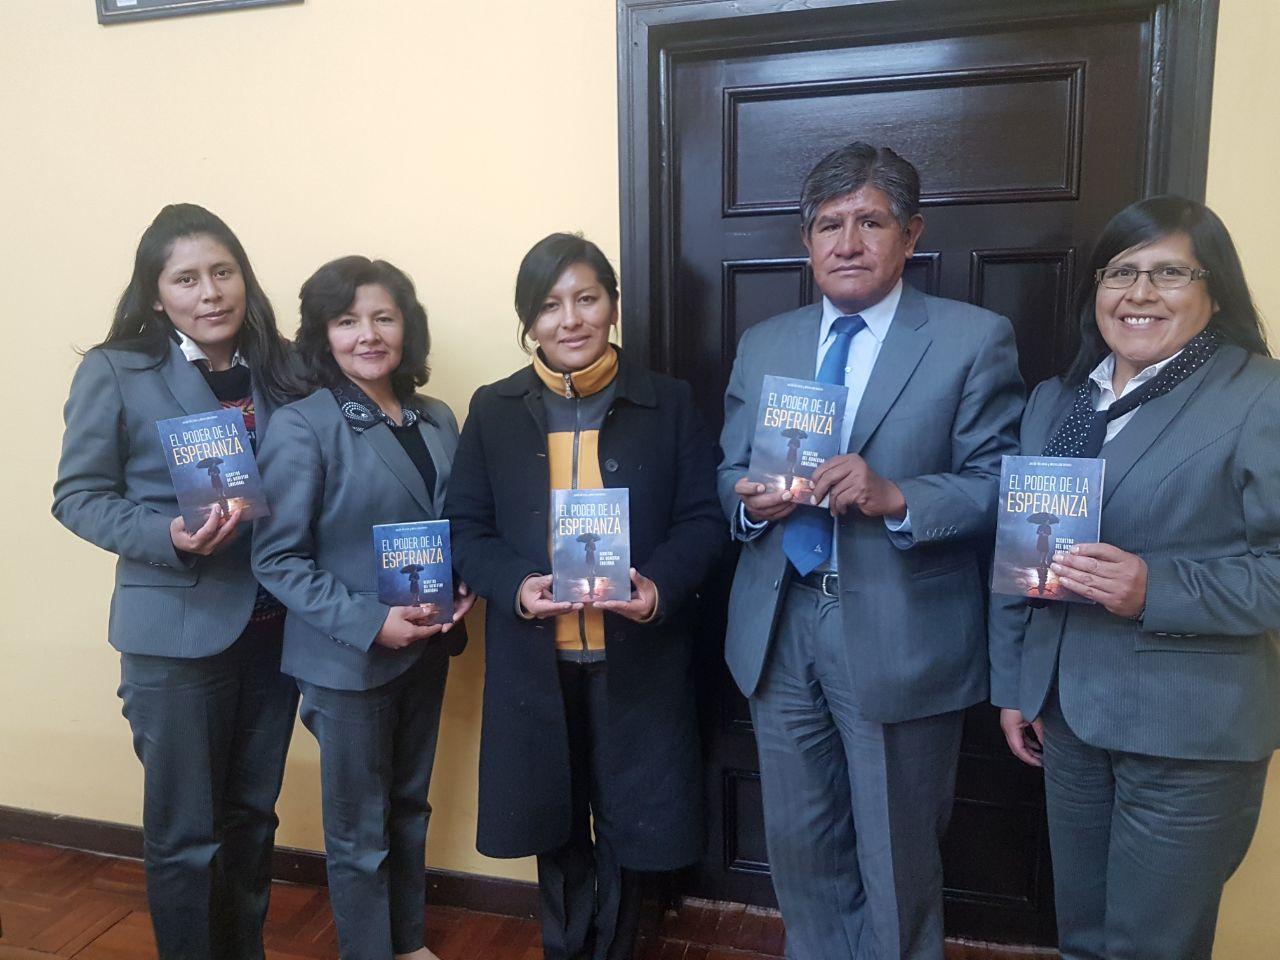 Alcaldesa Chapetón recibiendo el libro misionero